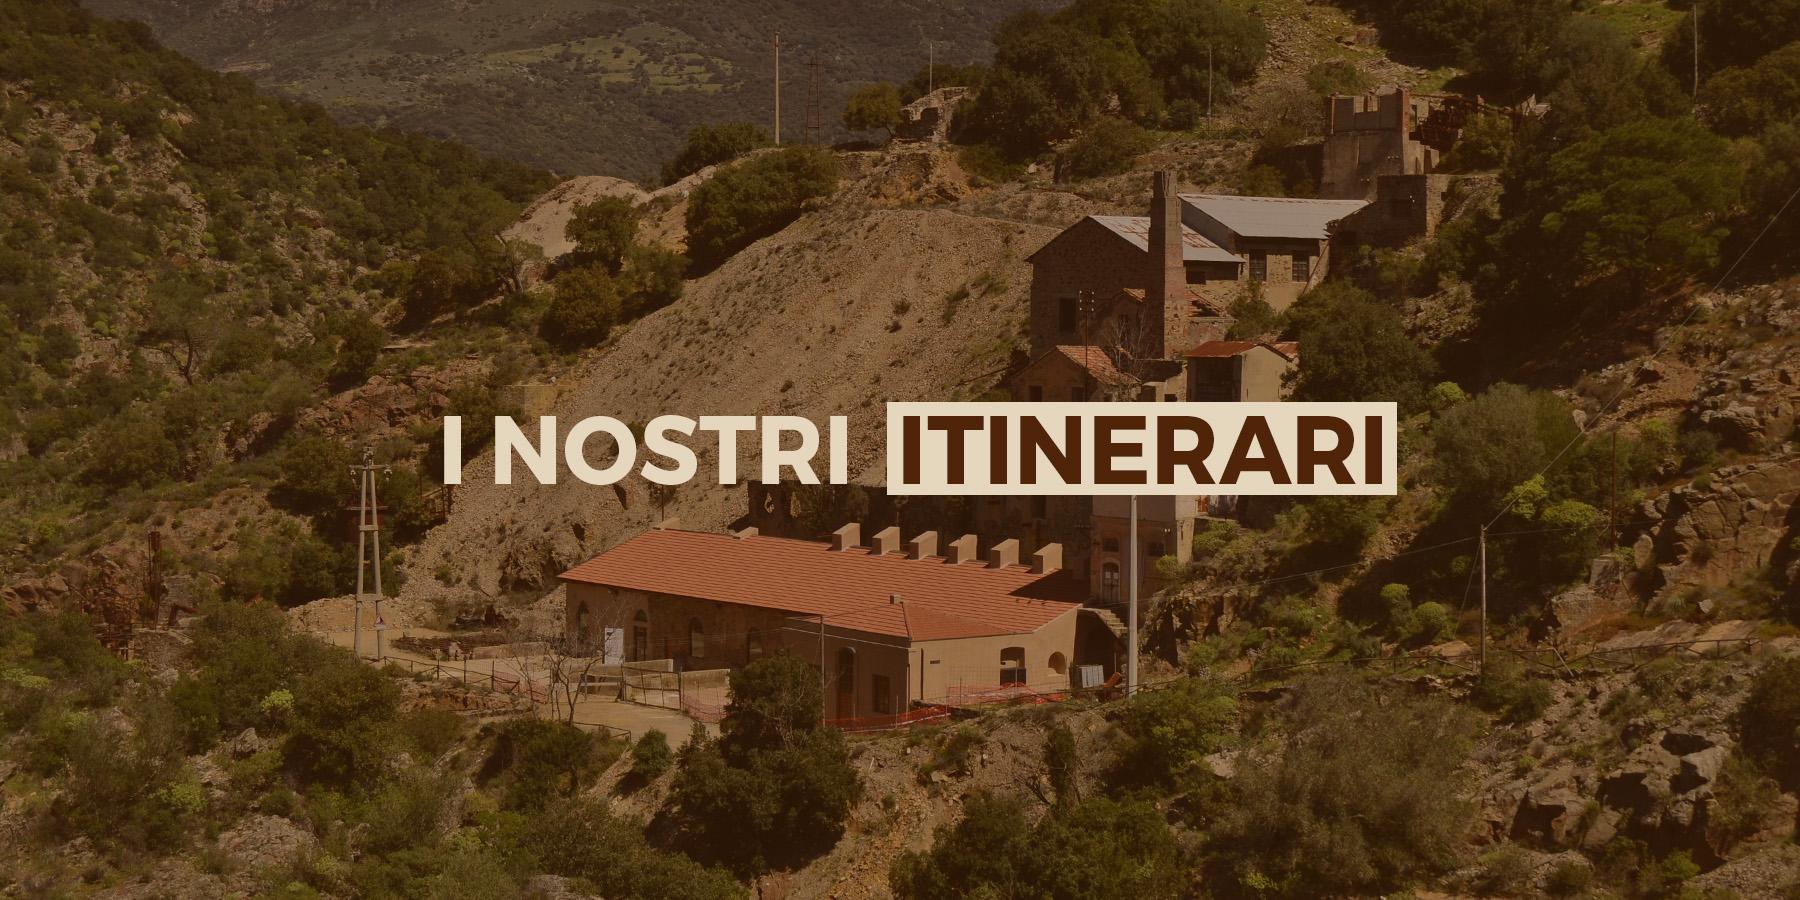 StartUno-i-nostri-itinerari